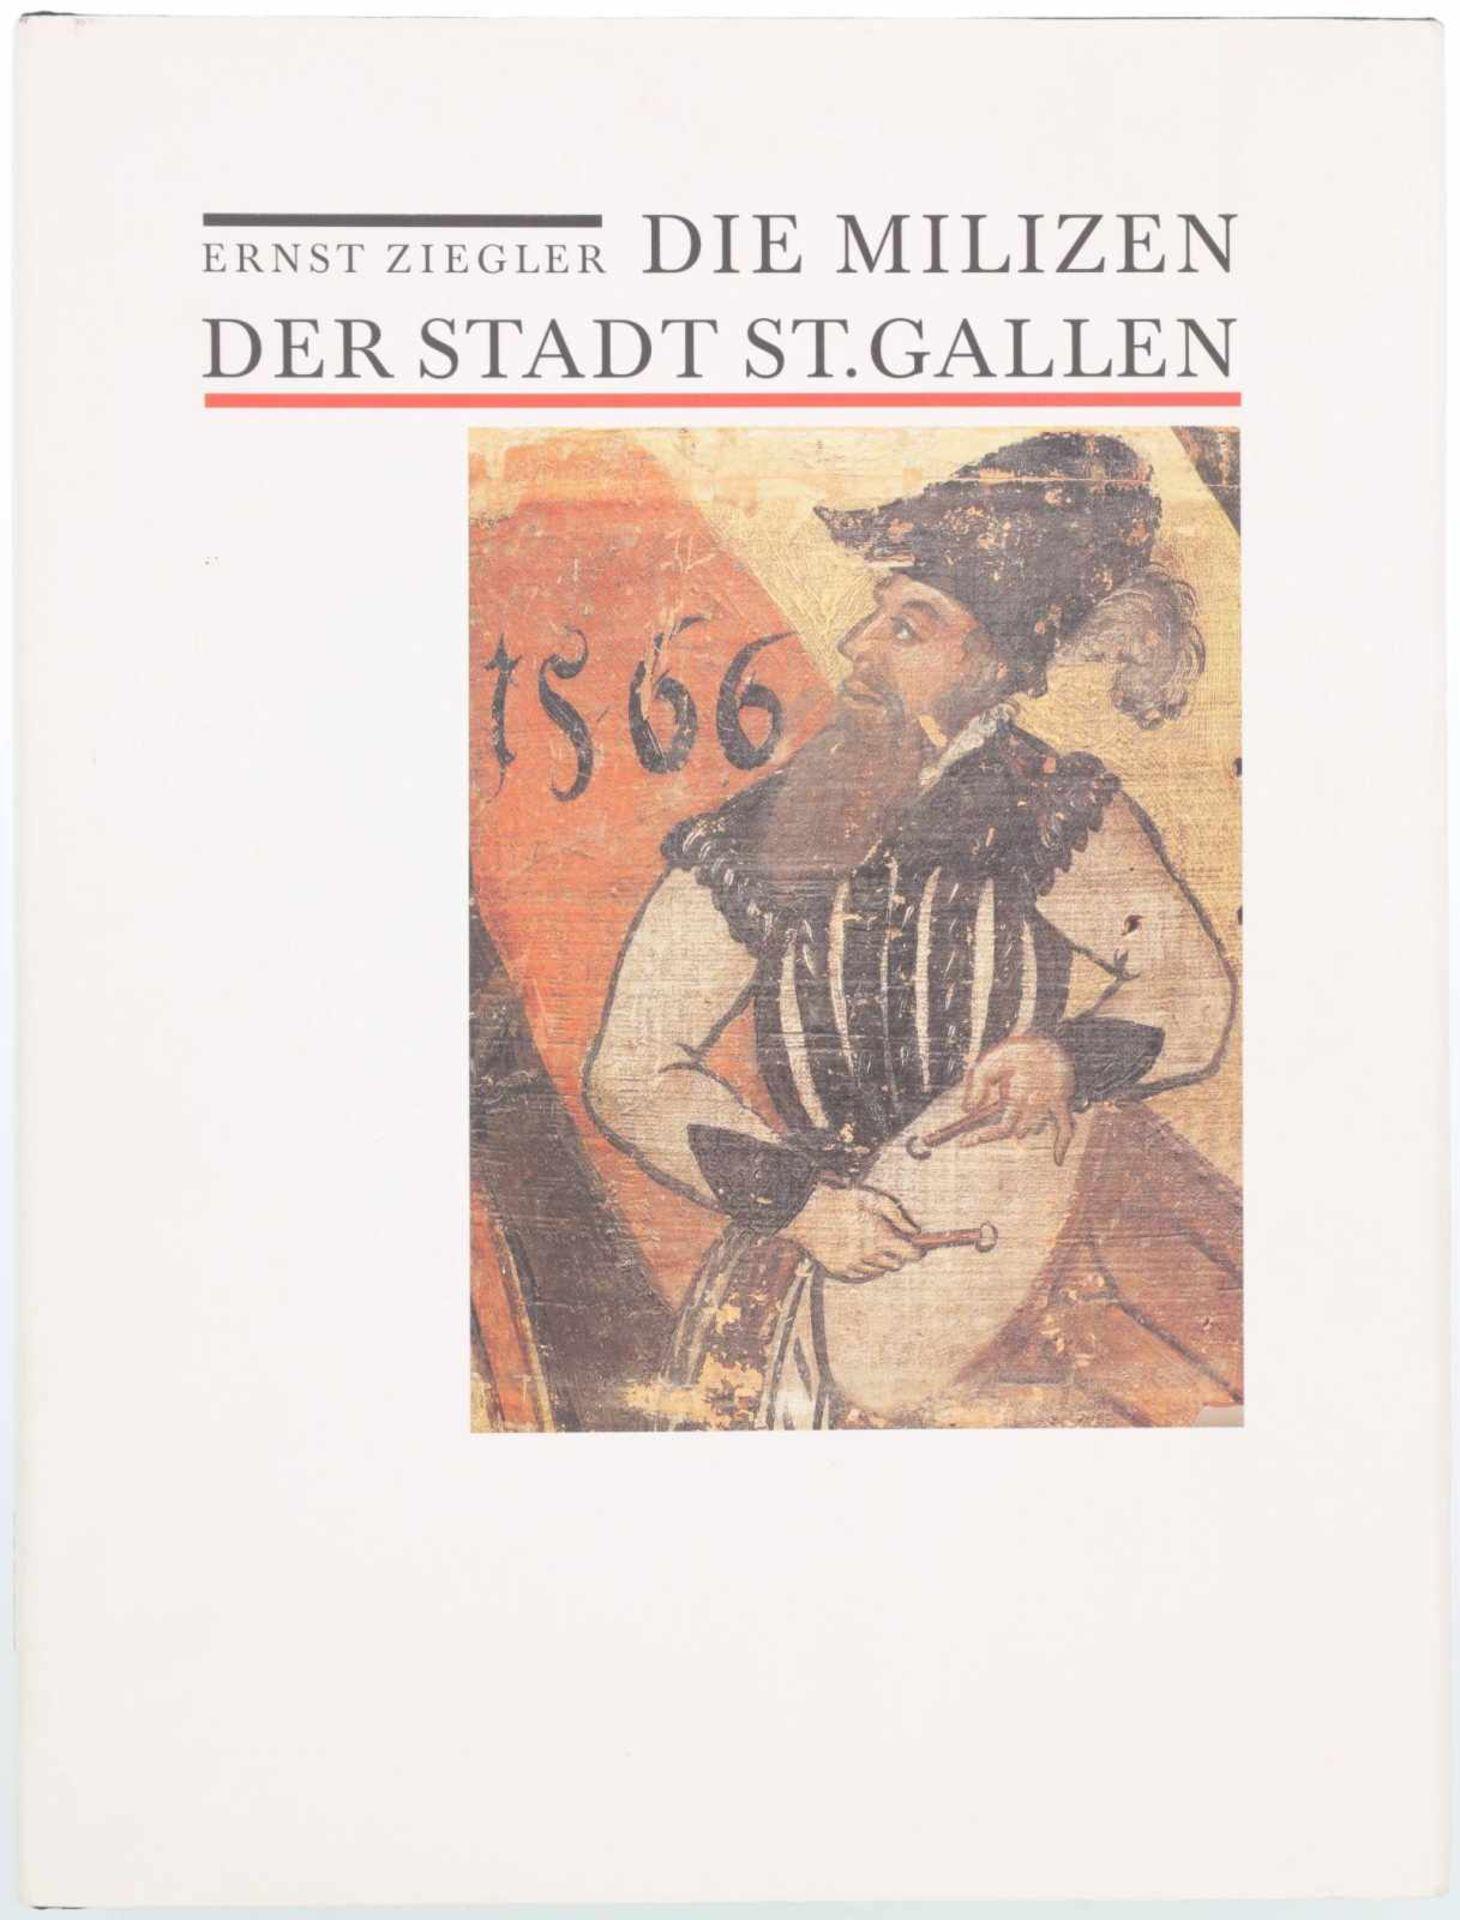 Die Milizen der Stadt St. Gallen, Ernst Ziegler@ Dem Autor gelingt es auf spannende Art auf 389